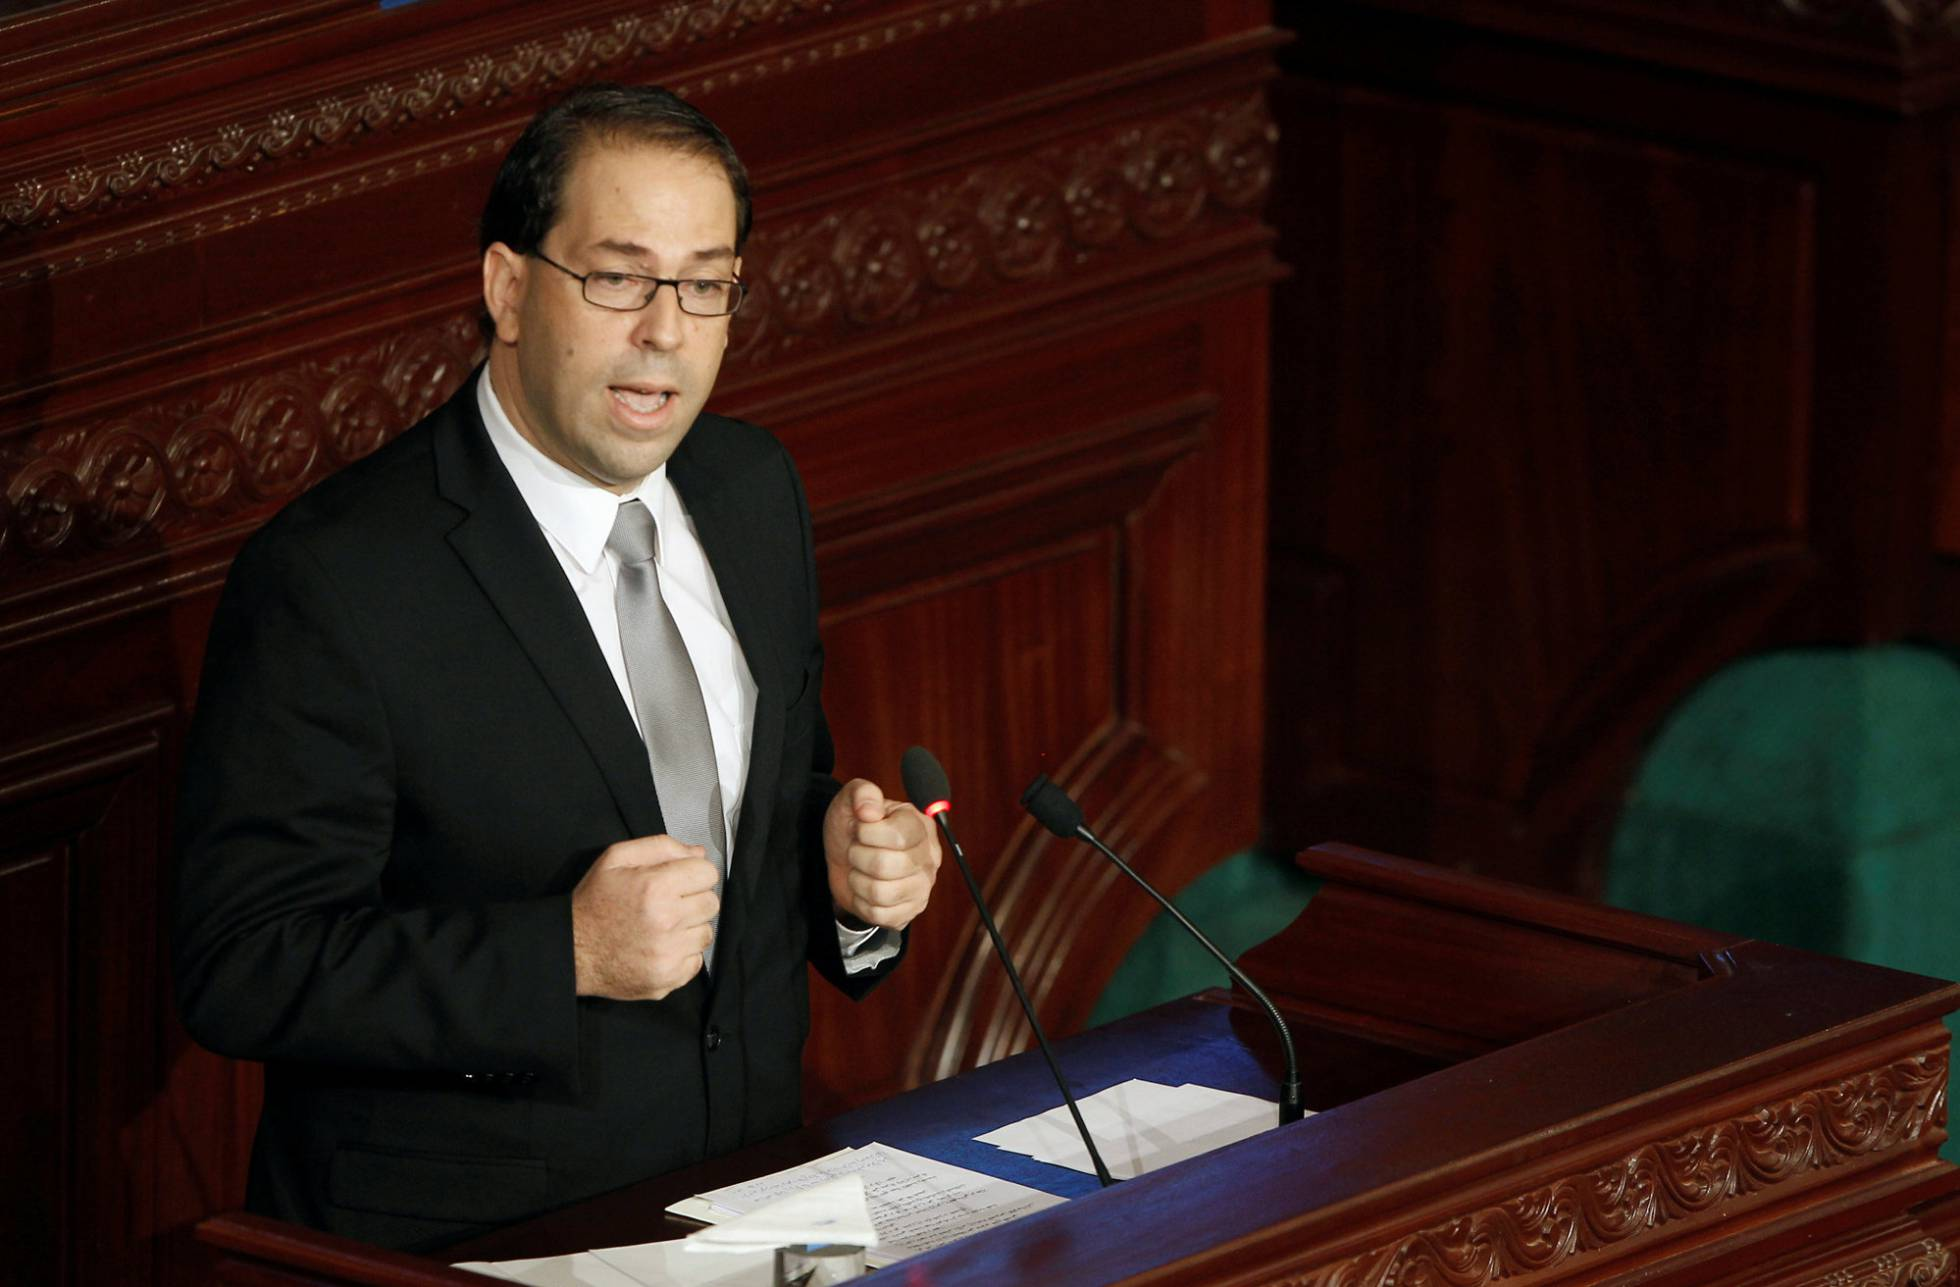 Túnez. Democracia e islamismo a golpe de talonario - Página 3 1472240427_722074_1472241312_noticia_normal_recorte1